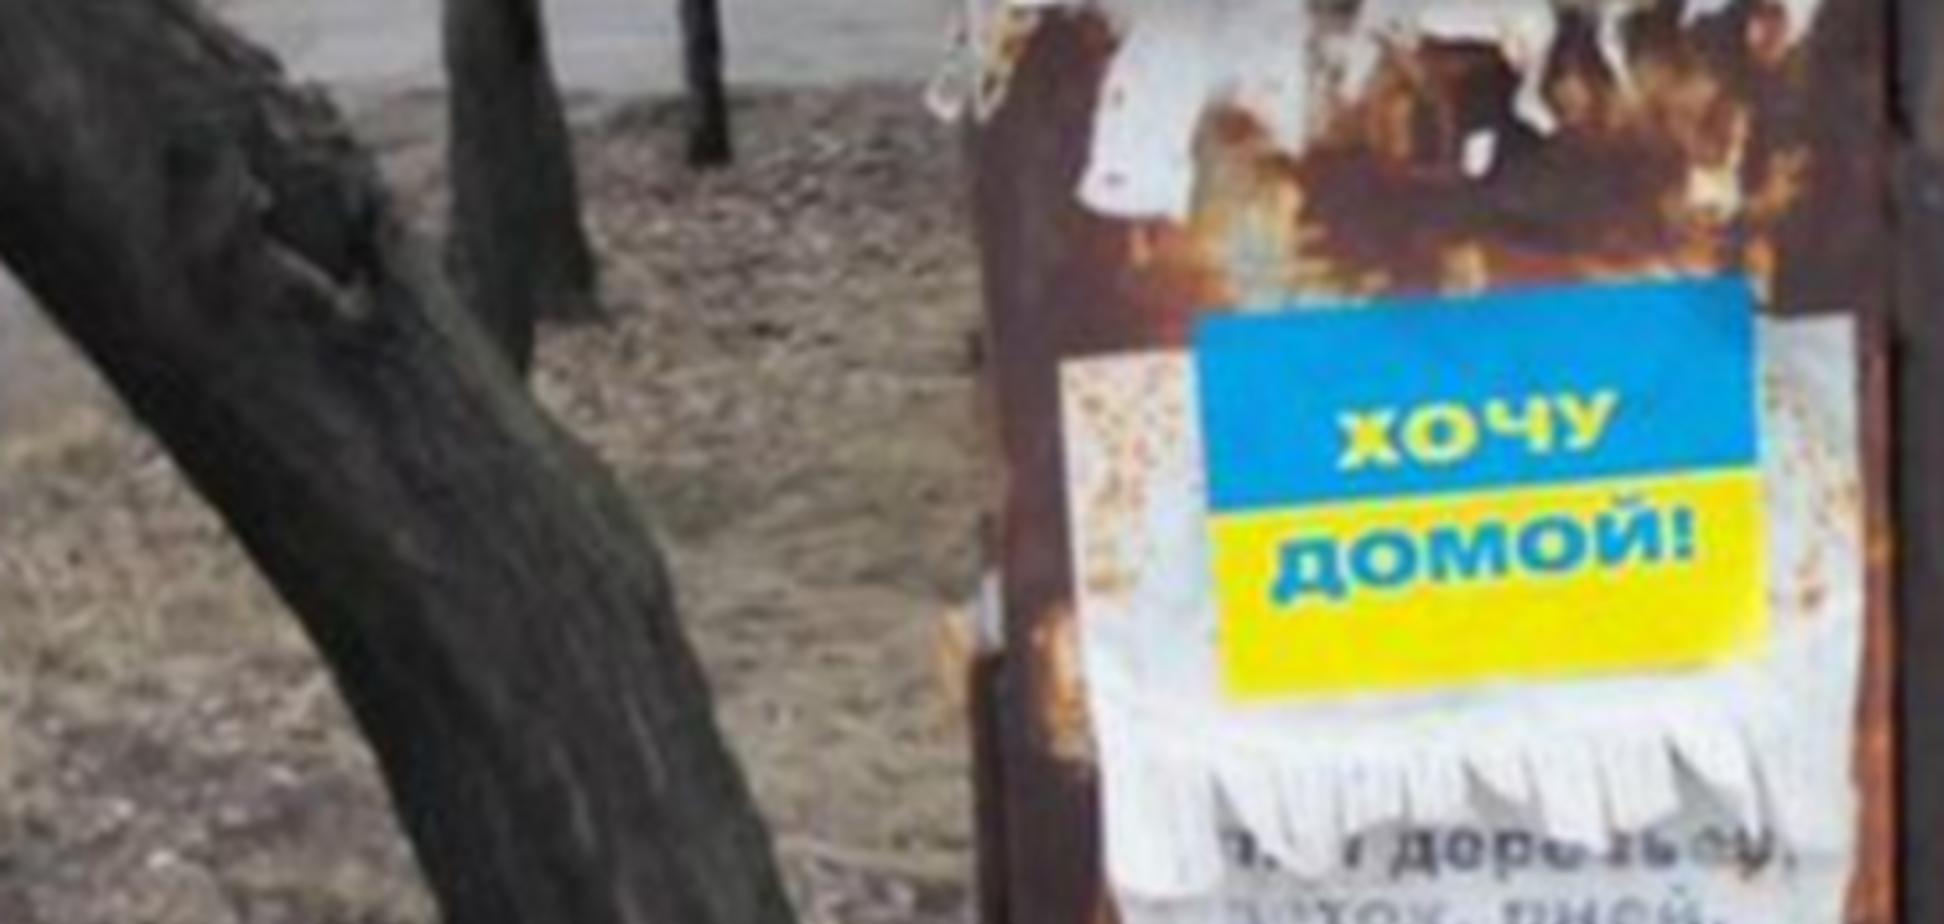 'Хочу домой!'. В оккупированном Луганске появились патриотические надписи: фотофакты